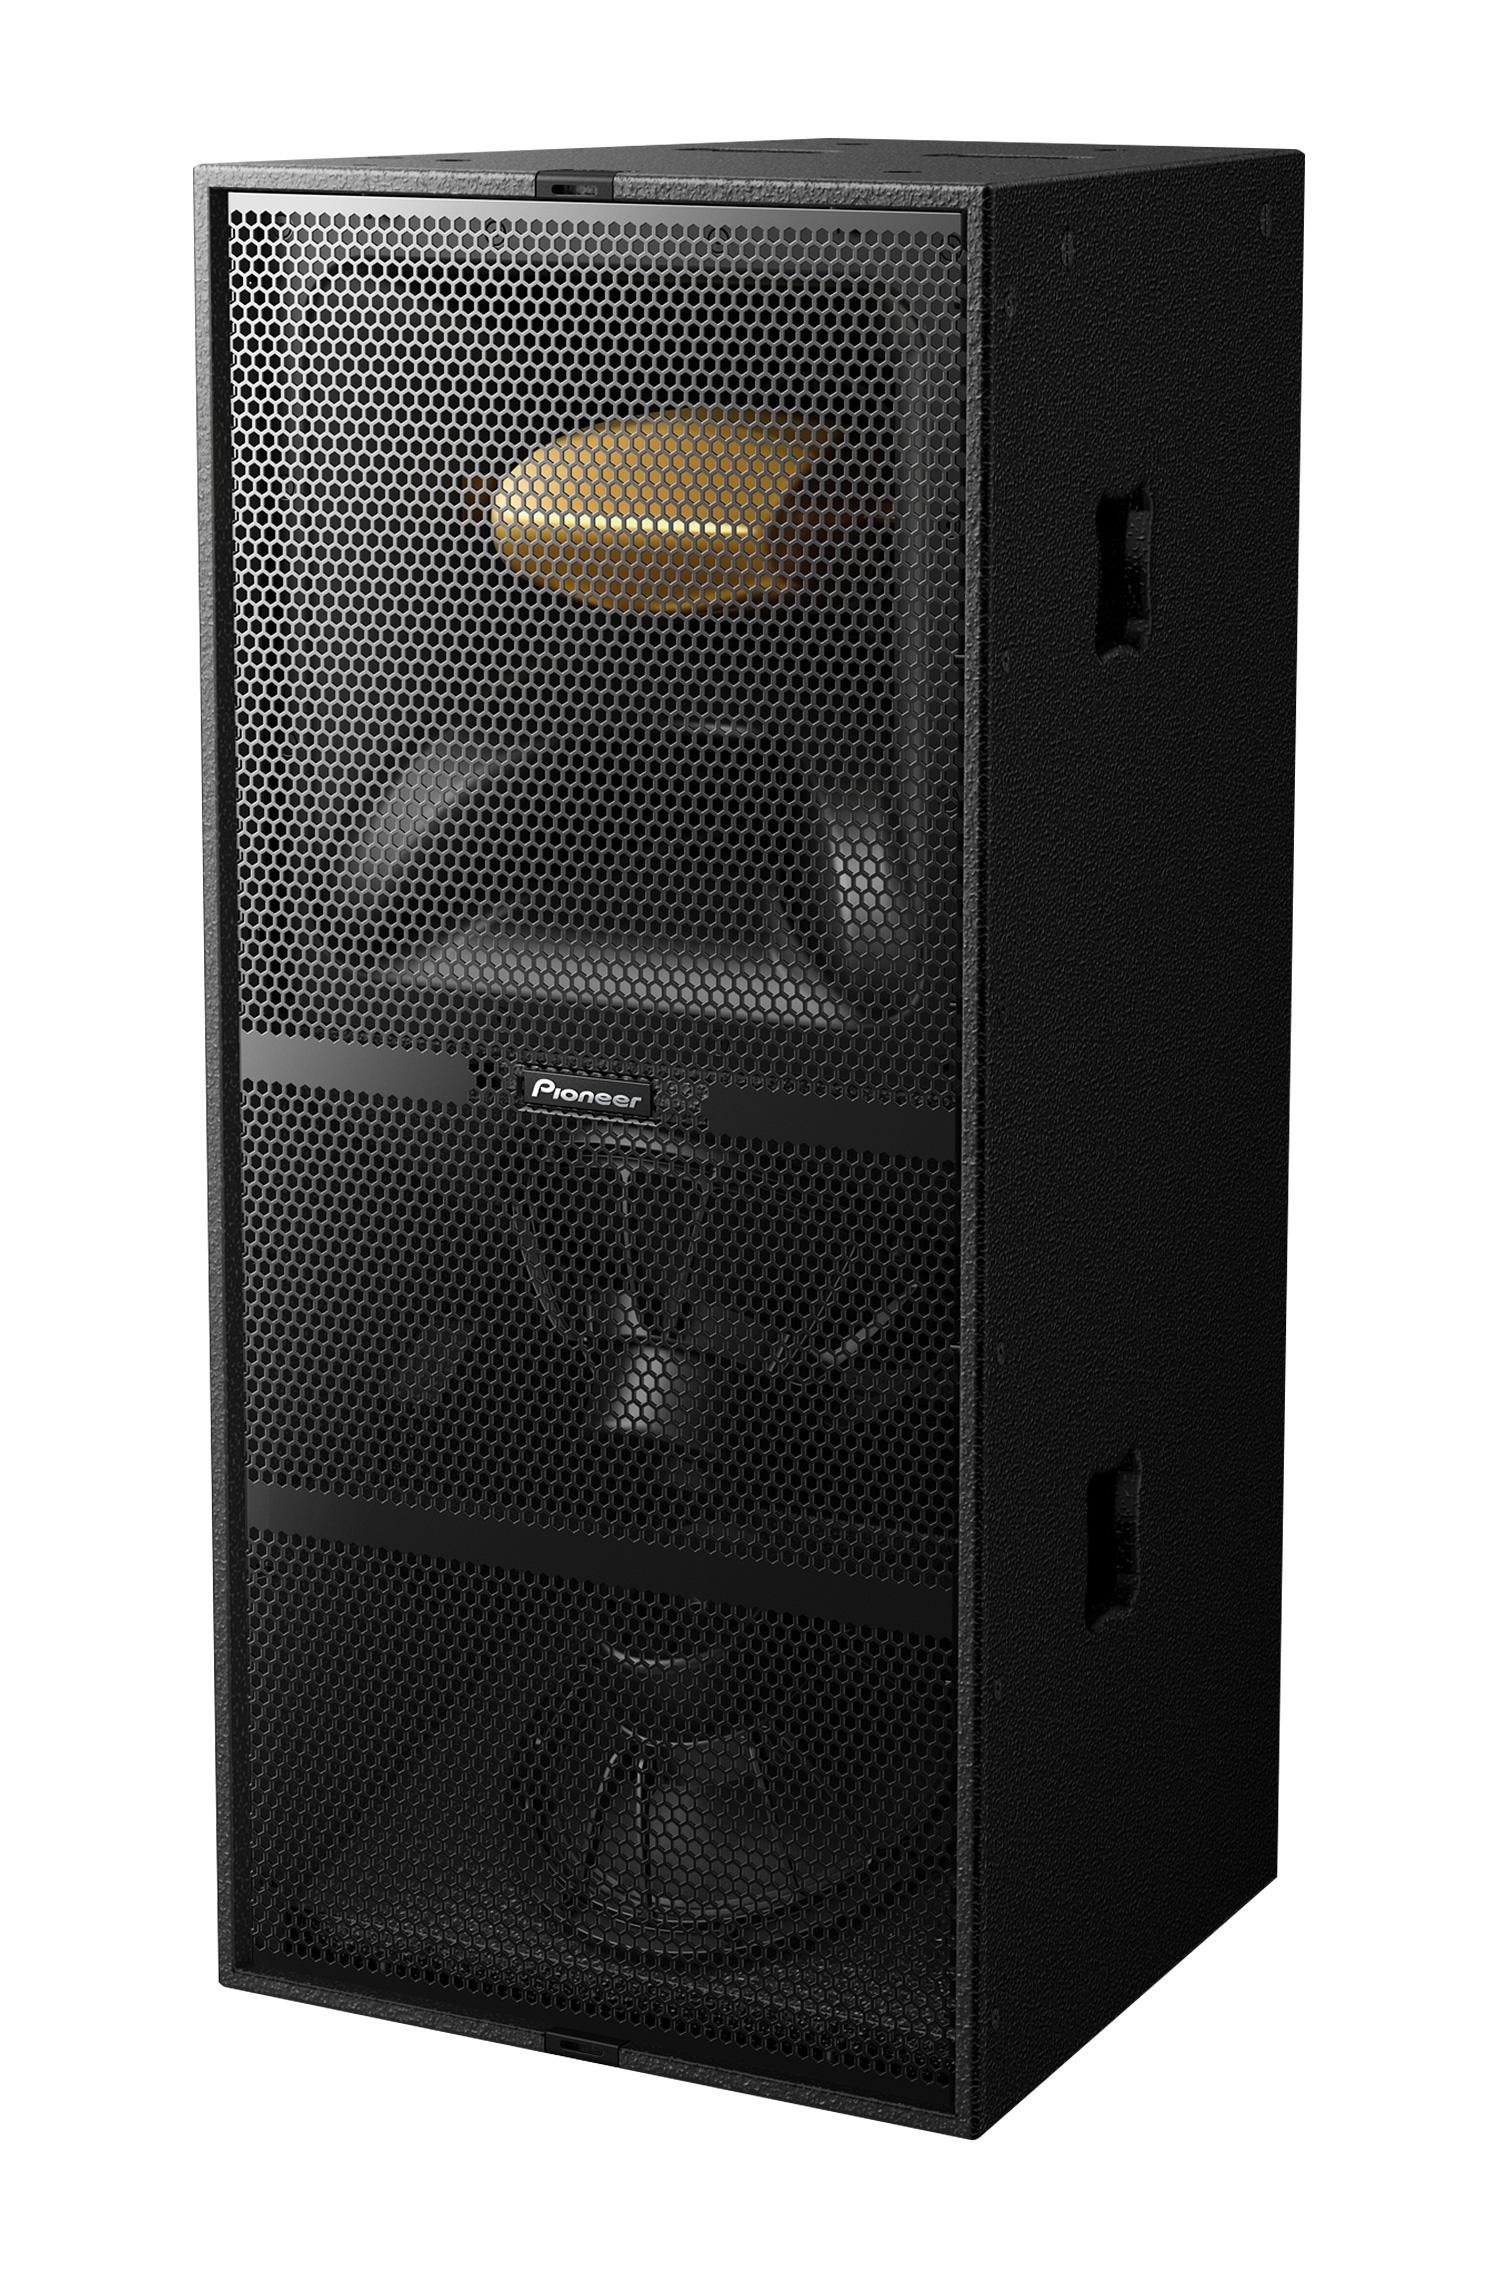 pioneer, pioneer audi xy series, pioneer dj, xy-3b, xy-2, speakers